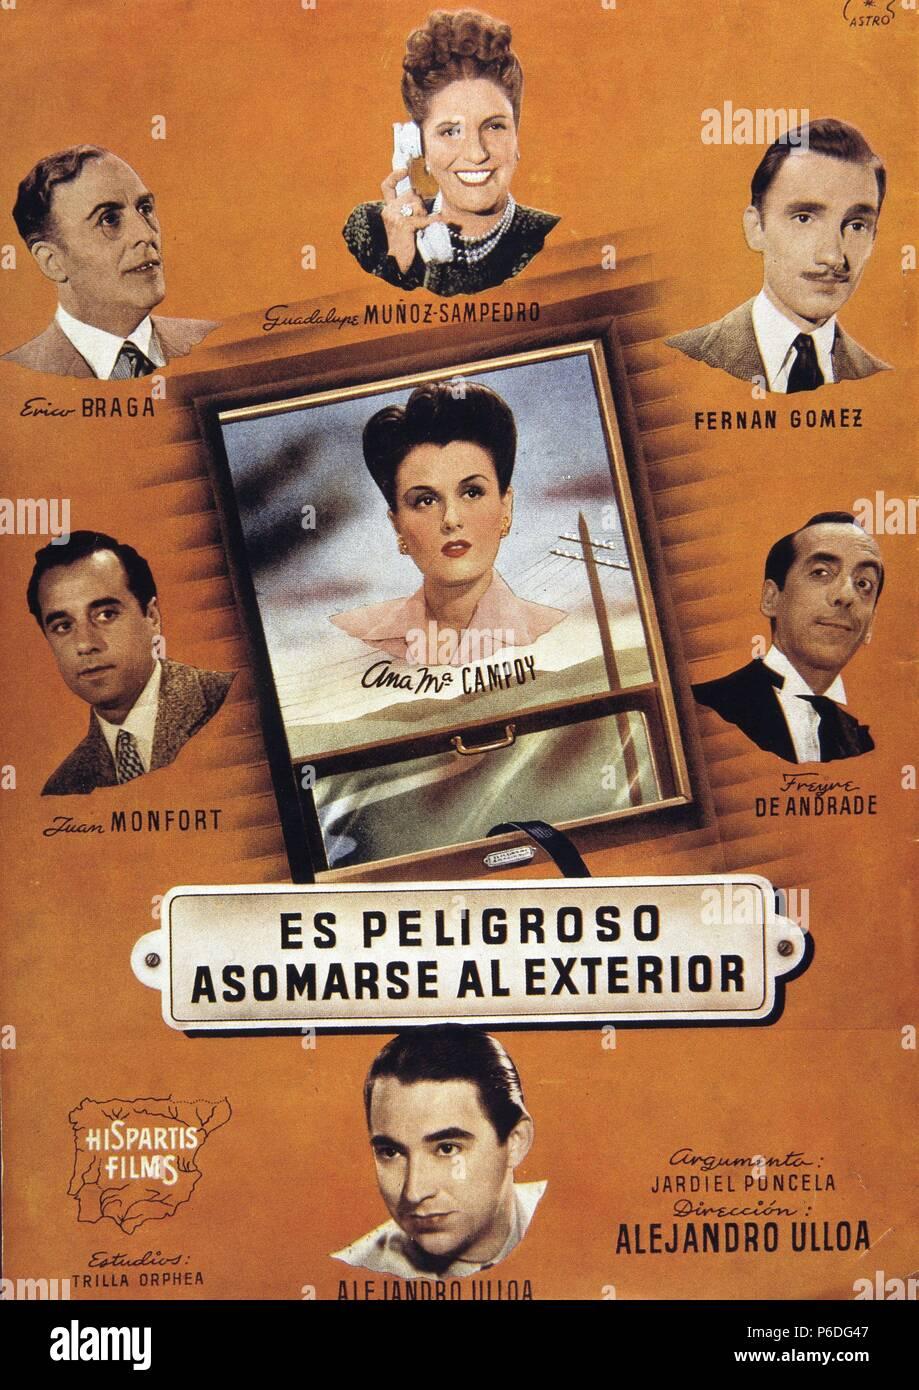 PELICULA : ES PELIGROSO ASOMARSE AL EXTERIOR , 1945. BASADA EN LA OBRA HOMONIMA DE ENRIQUE JARDIEL PONCELA. DIRECTOR : ALEJANDRO ULLOA (PADRE). ACTORES : ANA MARIA CAMPOY , FERNANDO FERNAN GOMEZ , GUADALUPE MUÑOZ SAMPEDRO. Stock Photo